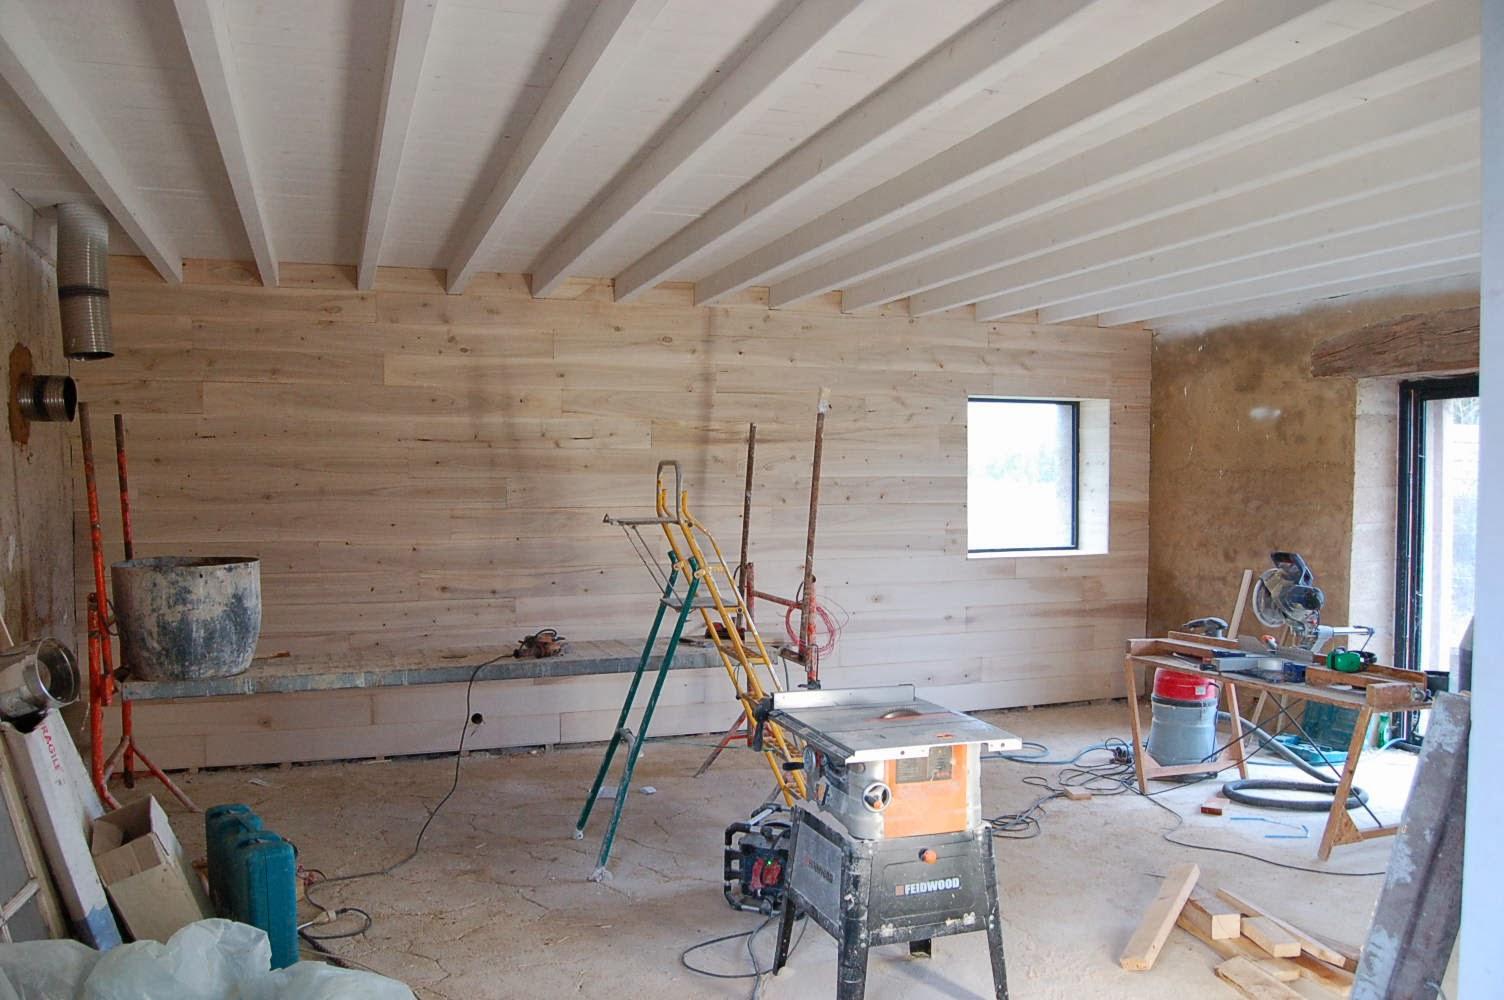 La gremiere en travaux d cembre 2013 for Mur interieur en volige